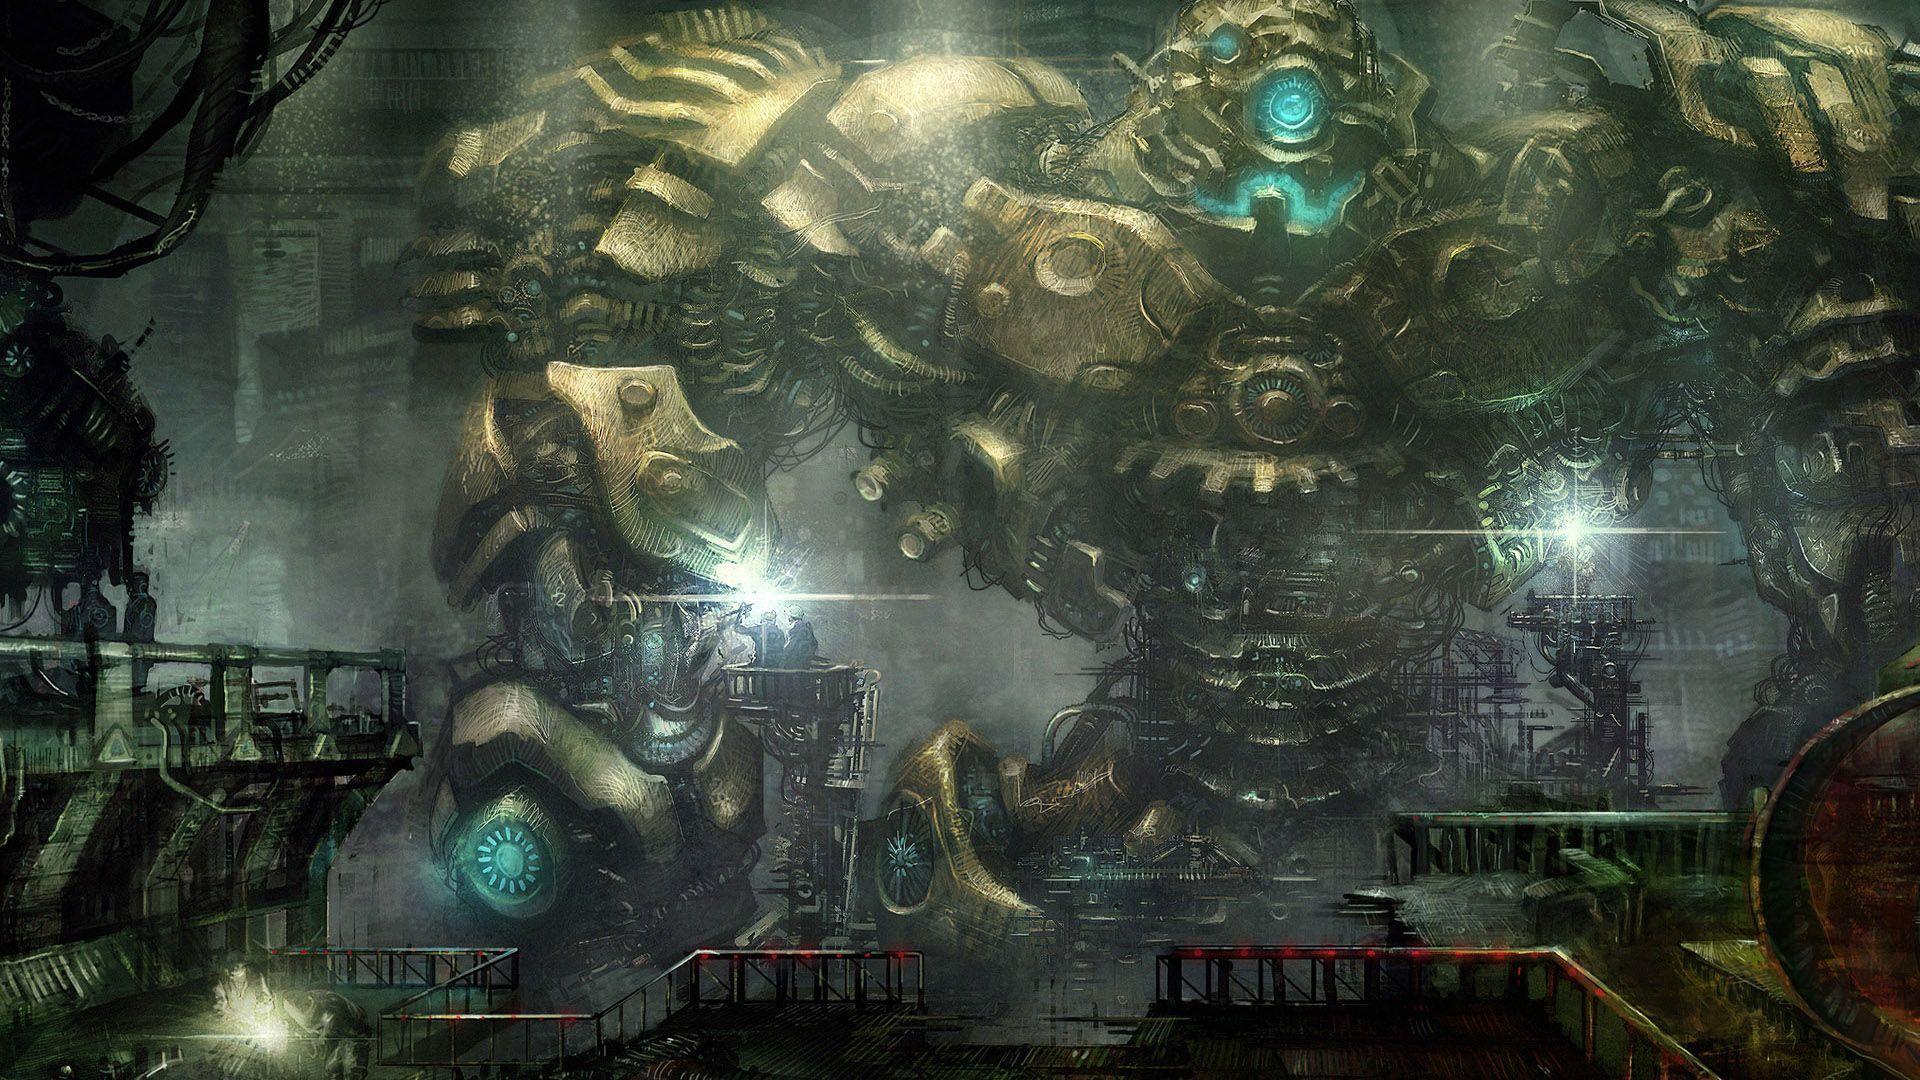 digital art: d fantasy places hd, picture nr.